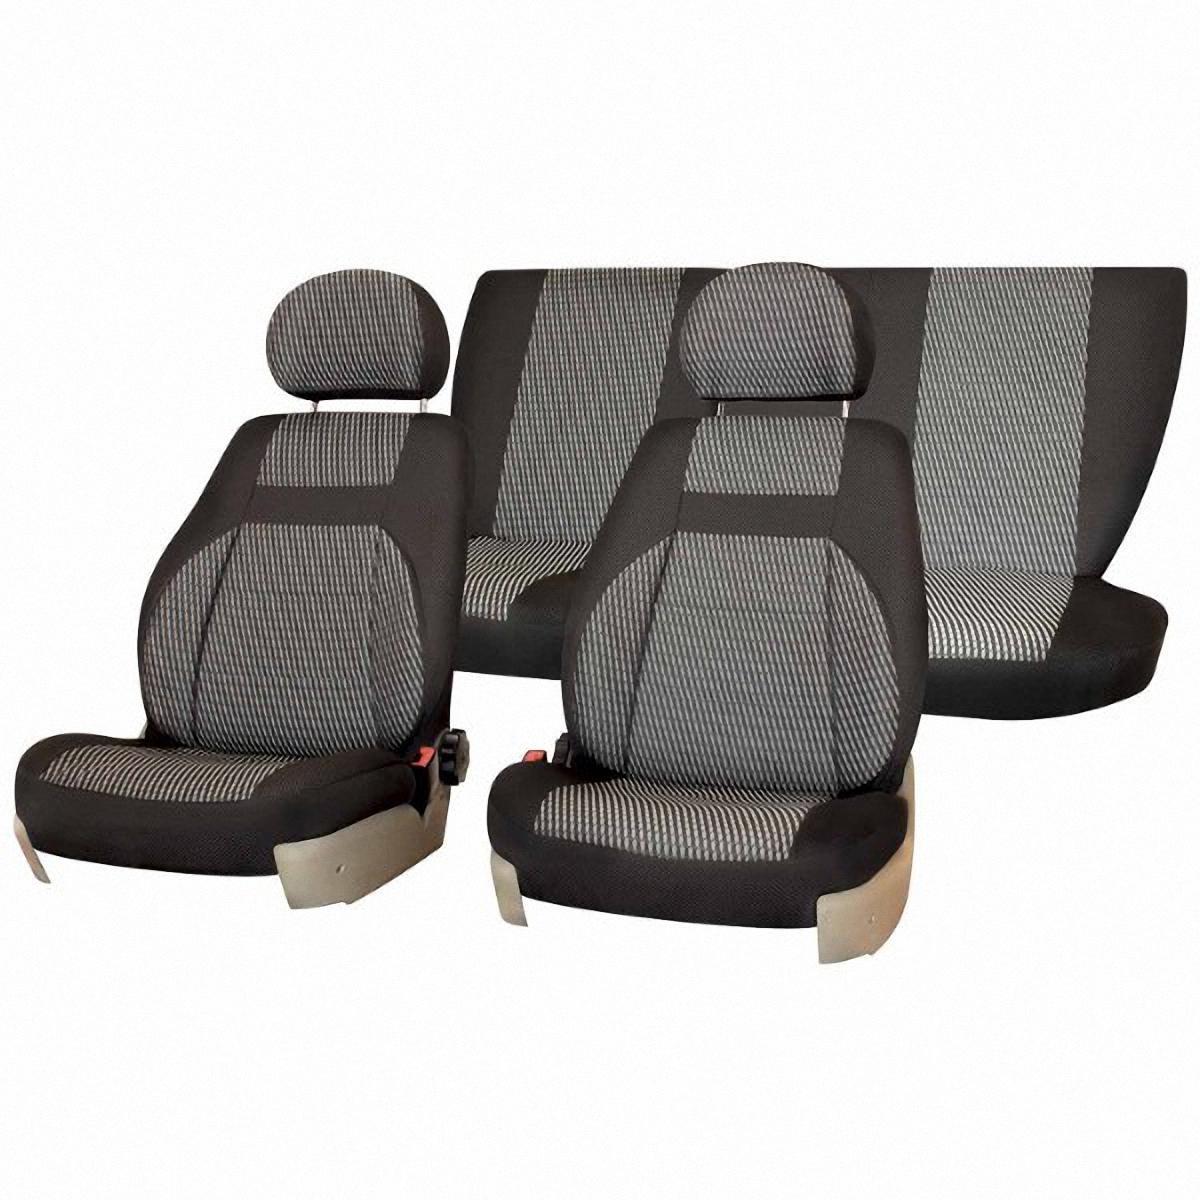 Чехлы автомобильные Skyway, для Lada Priora, седан, цвет: светло-серый19200Автомобильные чехлы Skyway изготовлены из качественного жаккарда. Чехлы идеально повторяют штатную форму сидений и выглядят как оригинальная обивка сидений. Разработаны индивидуально для каждой модели автомобиля. Авточехлы Skyway просты в уходе - загрязнения легко удаляются влажной тканью. Чехлы имеют раздельную схему надевания. В комплекте 12 предметов.